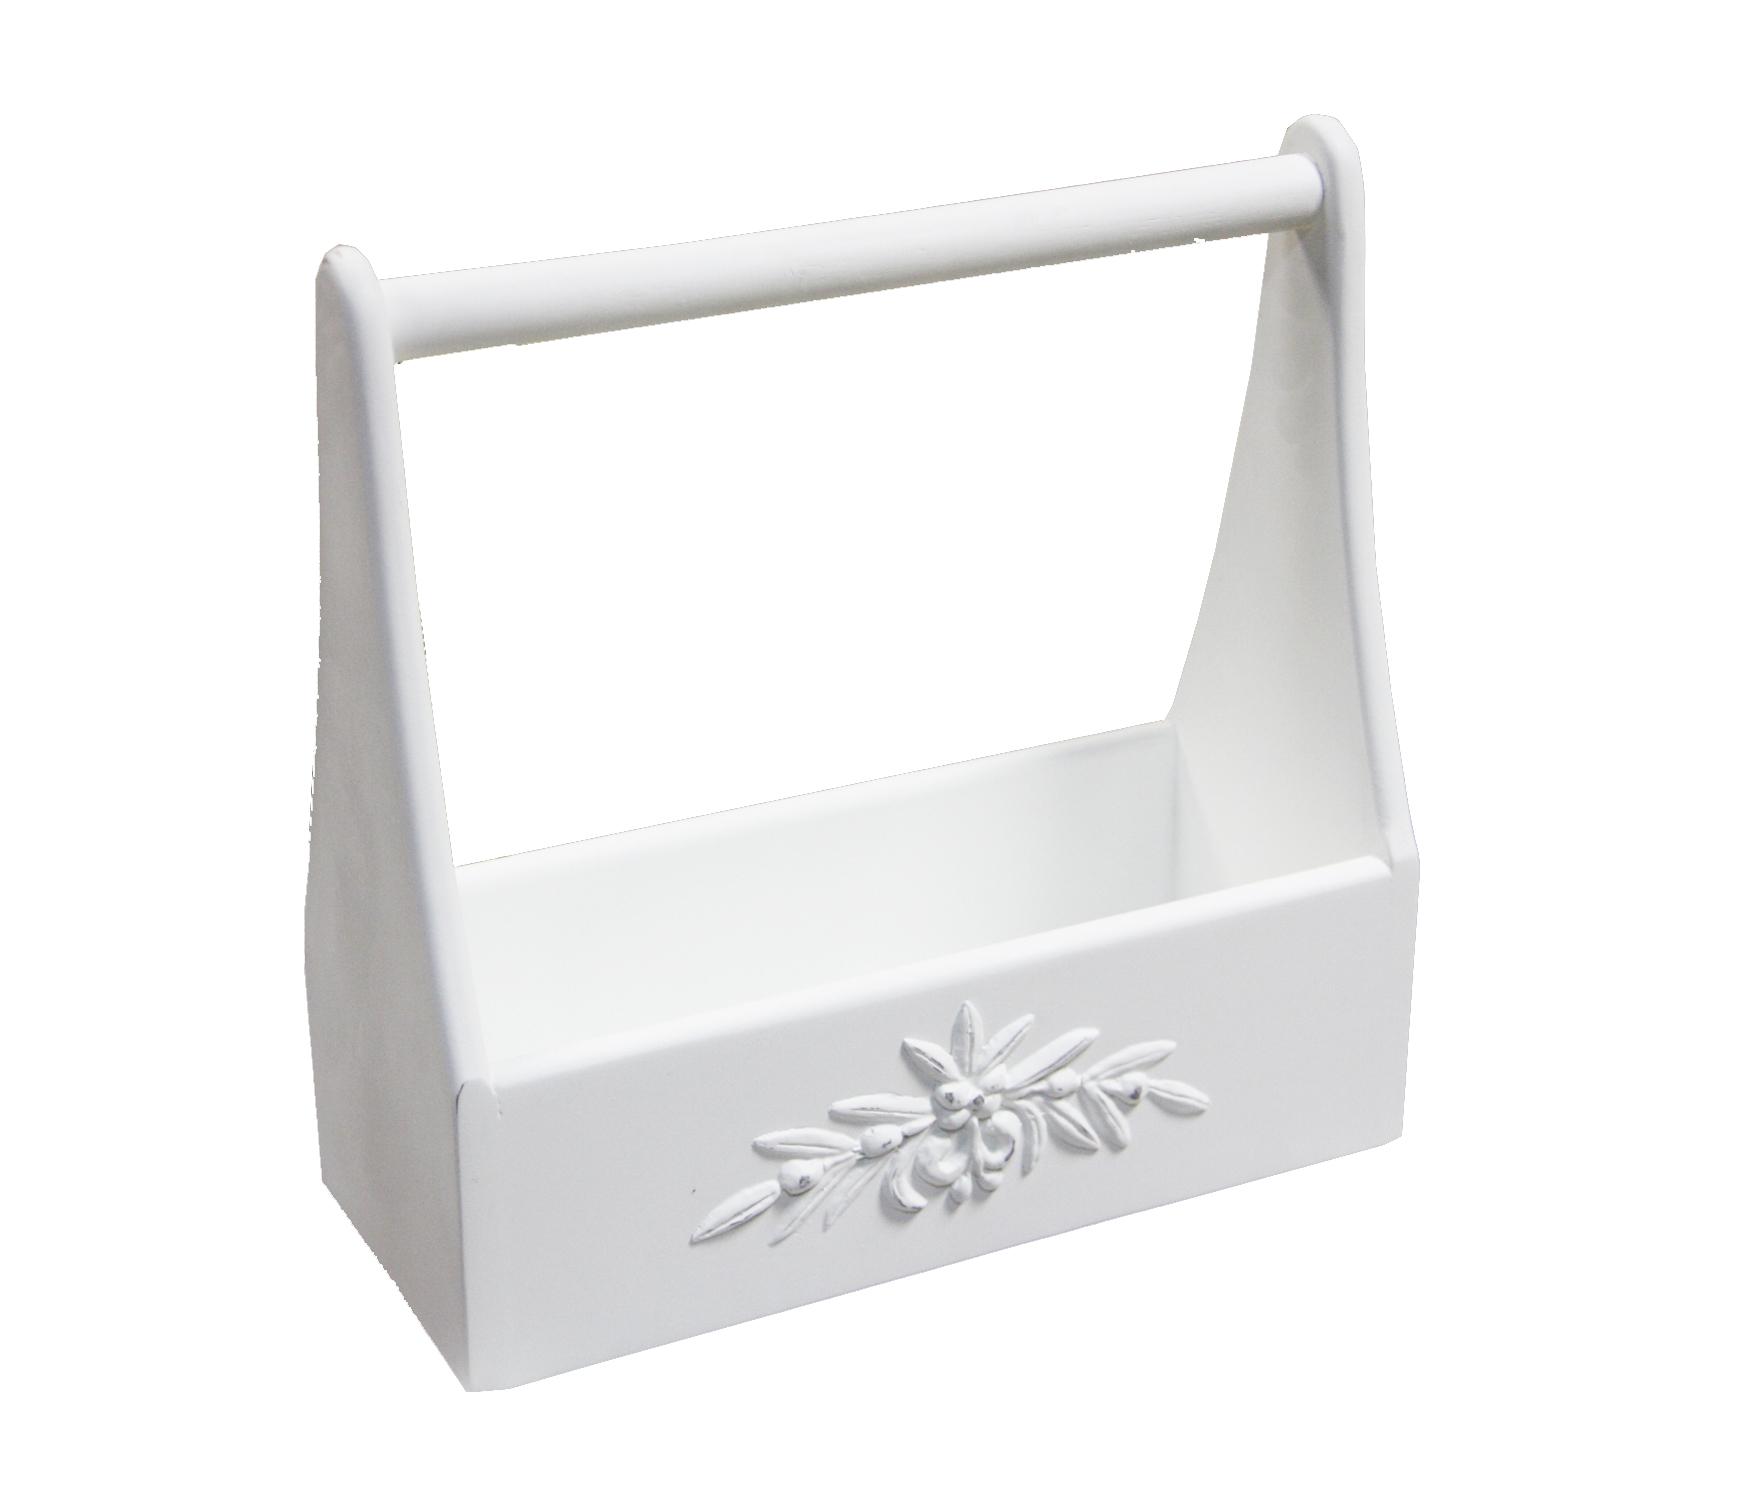 Газетница Снежный ПровансАксессуары для хранения бумаги и канцелярии<br>Белая мебель Прованс для гостиной, спальни, столовой, кабинета отлично впишется в Ваш загородный дом. Белая высококачественная мебель &amp;quot;Снежный Прованс&amp;quot; также может послужить в качестве обстановки детской комнаты подростка. Это функциональная удобная мебель европейского качества. Коллекция изготовлена из массива бука (каркасы и точеные элементы мебели) и из высококачественного МДФ (филенчатые части) и соответствует немецким стандартам для детской мебели.<br>Мебель &amp;quot;Снежный Прованс&amp;quot; имеет плавные изогнутые формы и украшена потертым вручную декором в виде оливковой ветви.<br><br>Material: Бук<br>Ширина см: 33.0<br>Высота см: 32.0<br>Глубина см: 14.0